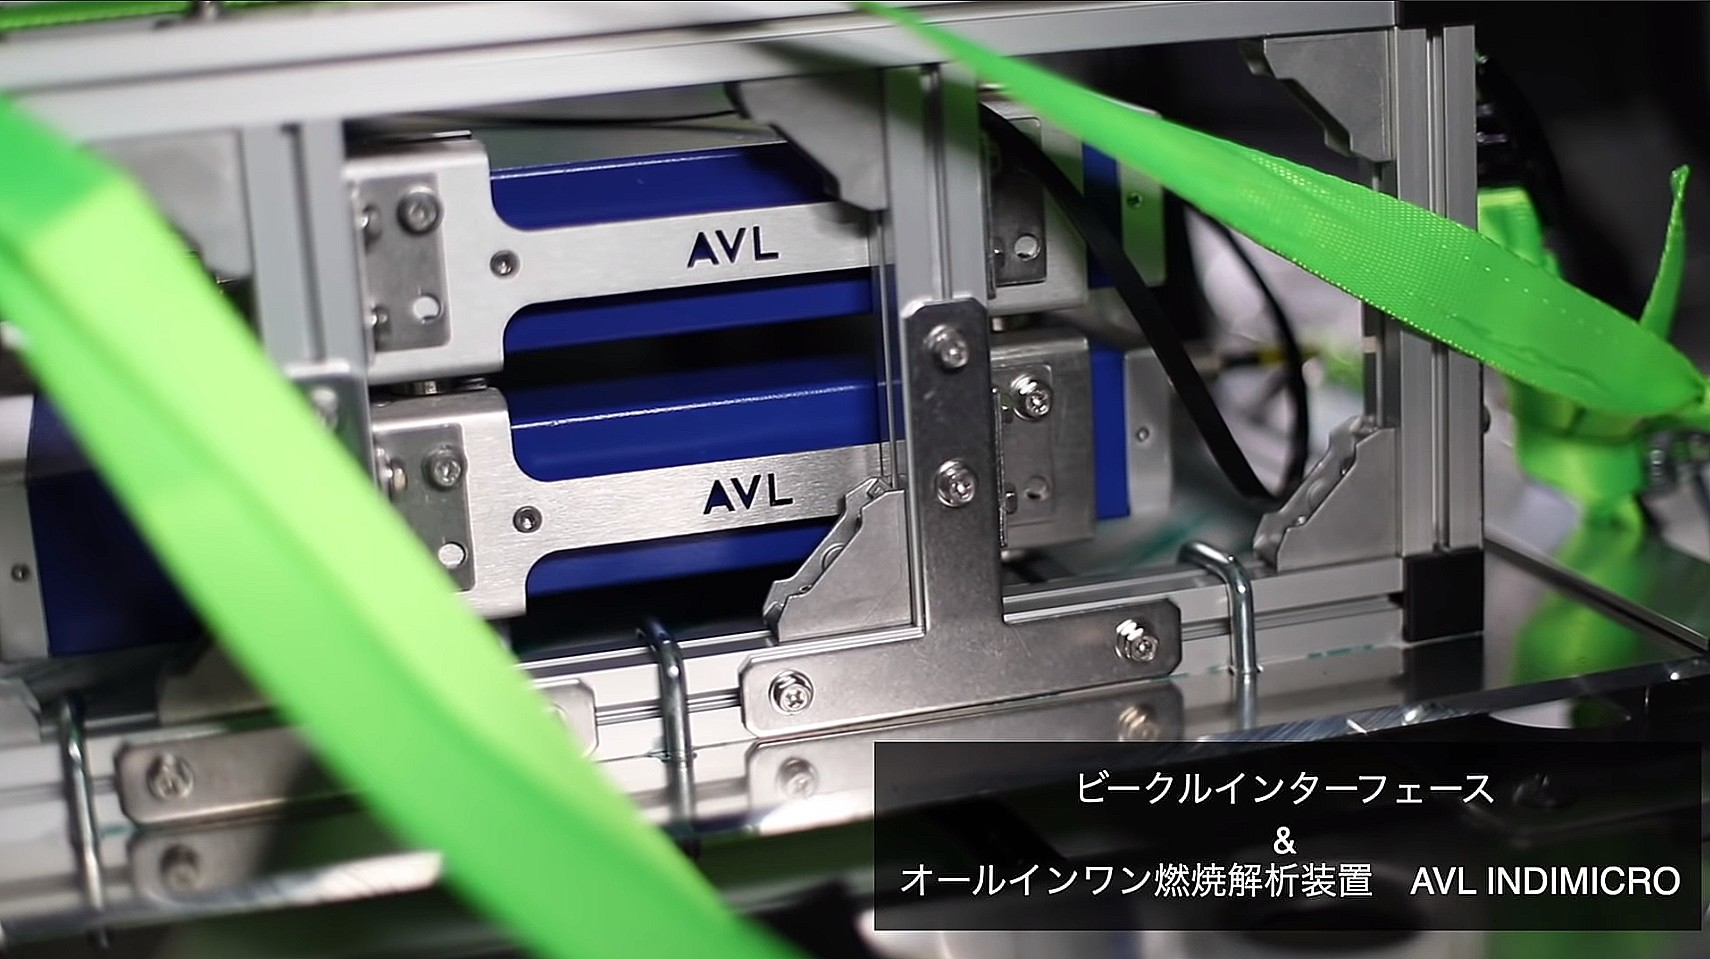 「トヨタ・ヤリスCVT・全日本ラリー参戦用清水和夫号の実走テストが始まった! エンジントルクを可視化できる解析機器とは?【SYE_X】」の5枚目の画像